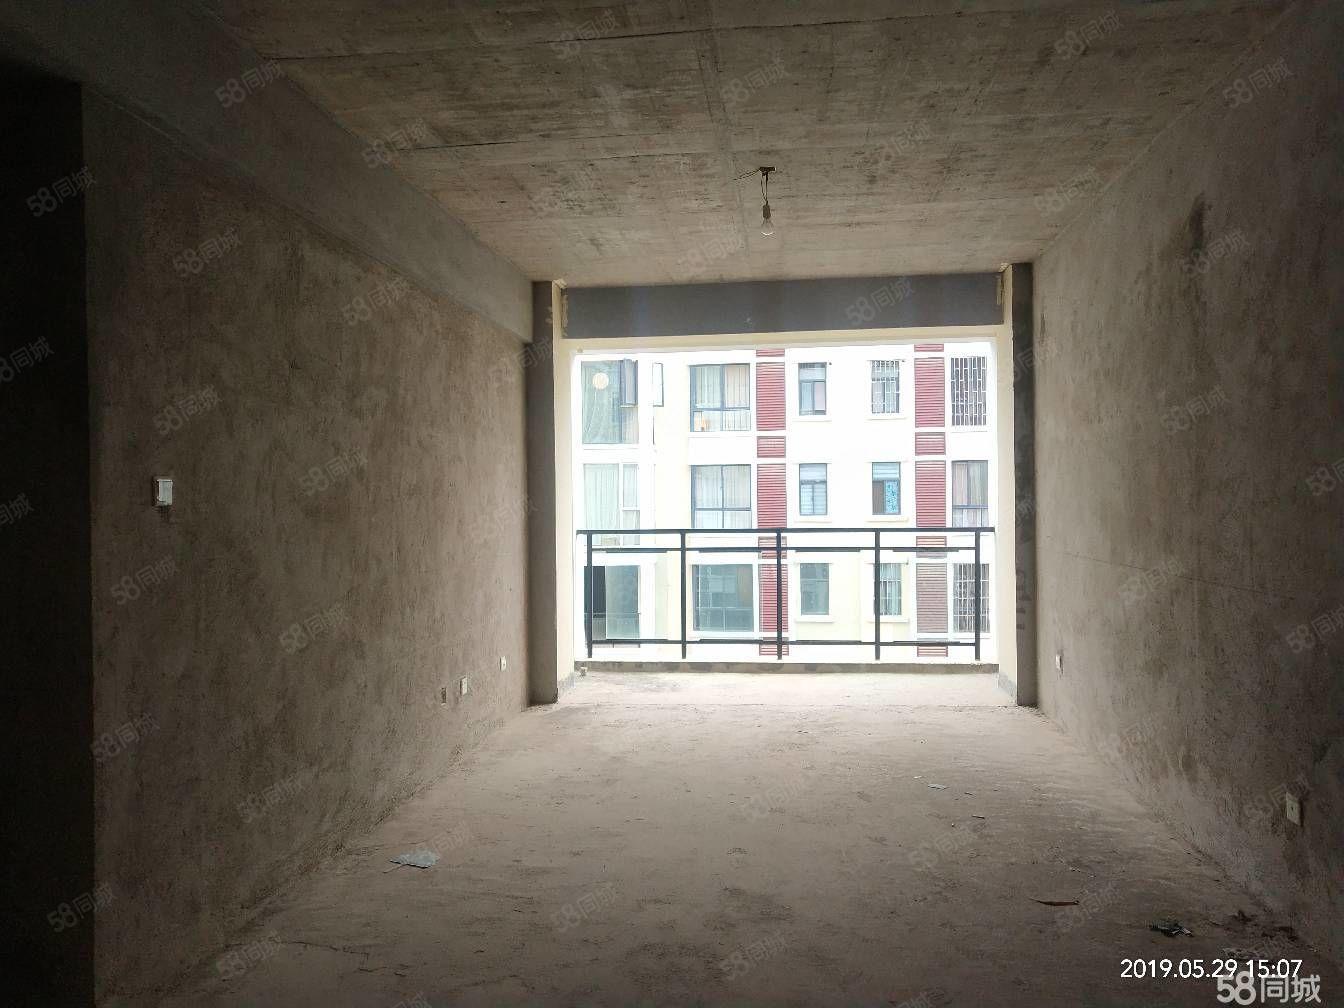 水岸郦城电梯房6楼,3室2厅2卫,支持贷款